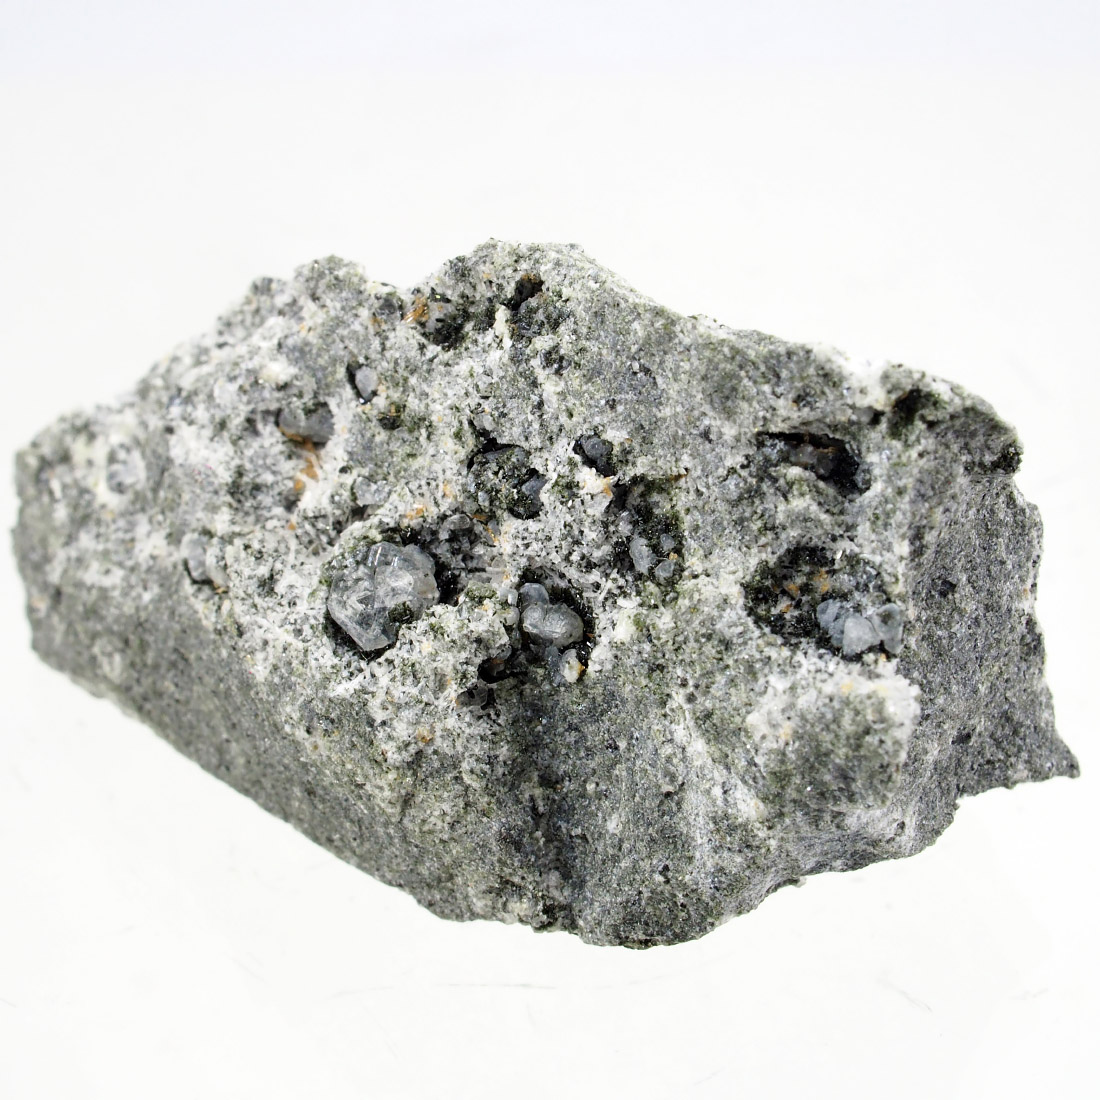 Marinellite